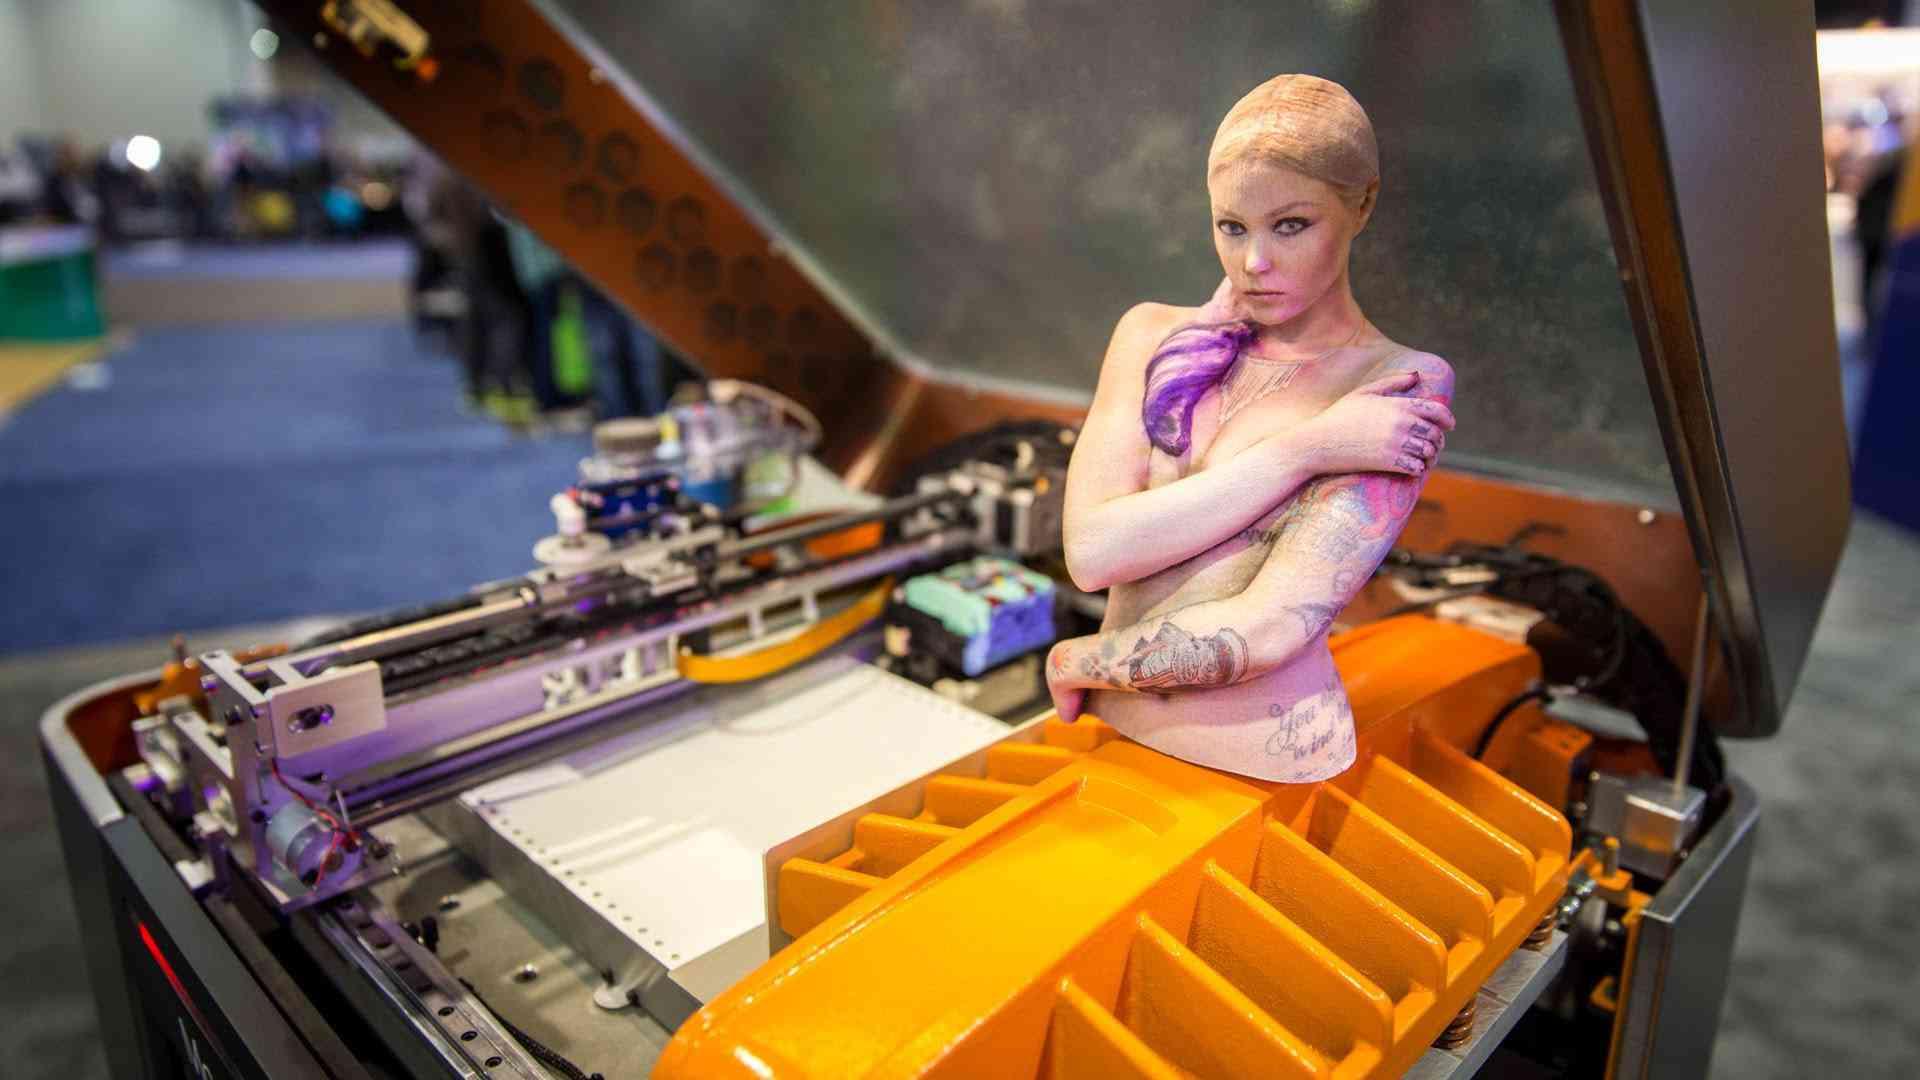 Impressão 3d colorida: A nova fronteira da impressão 3d